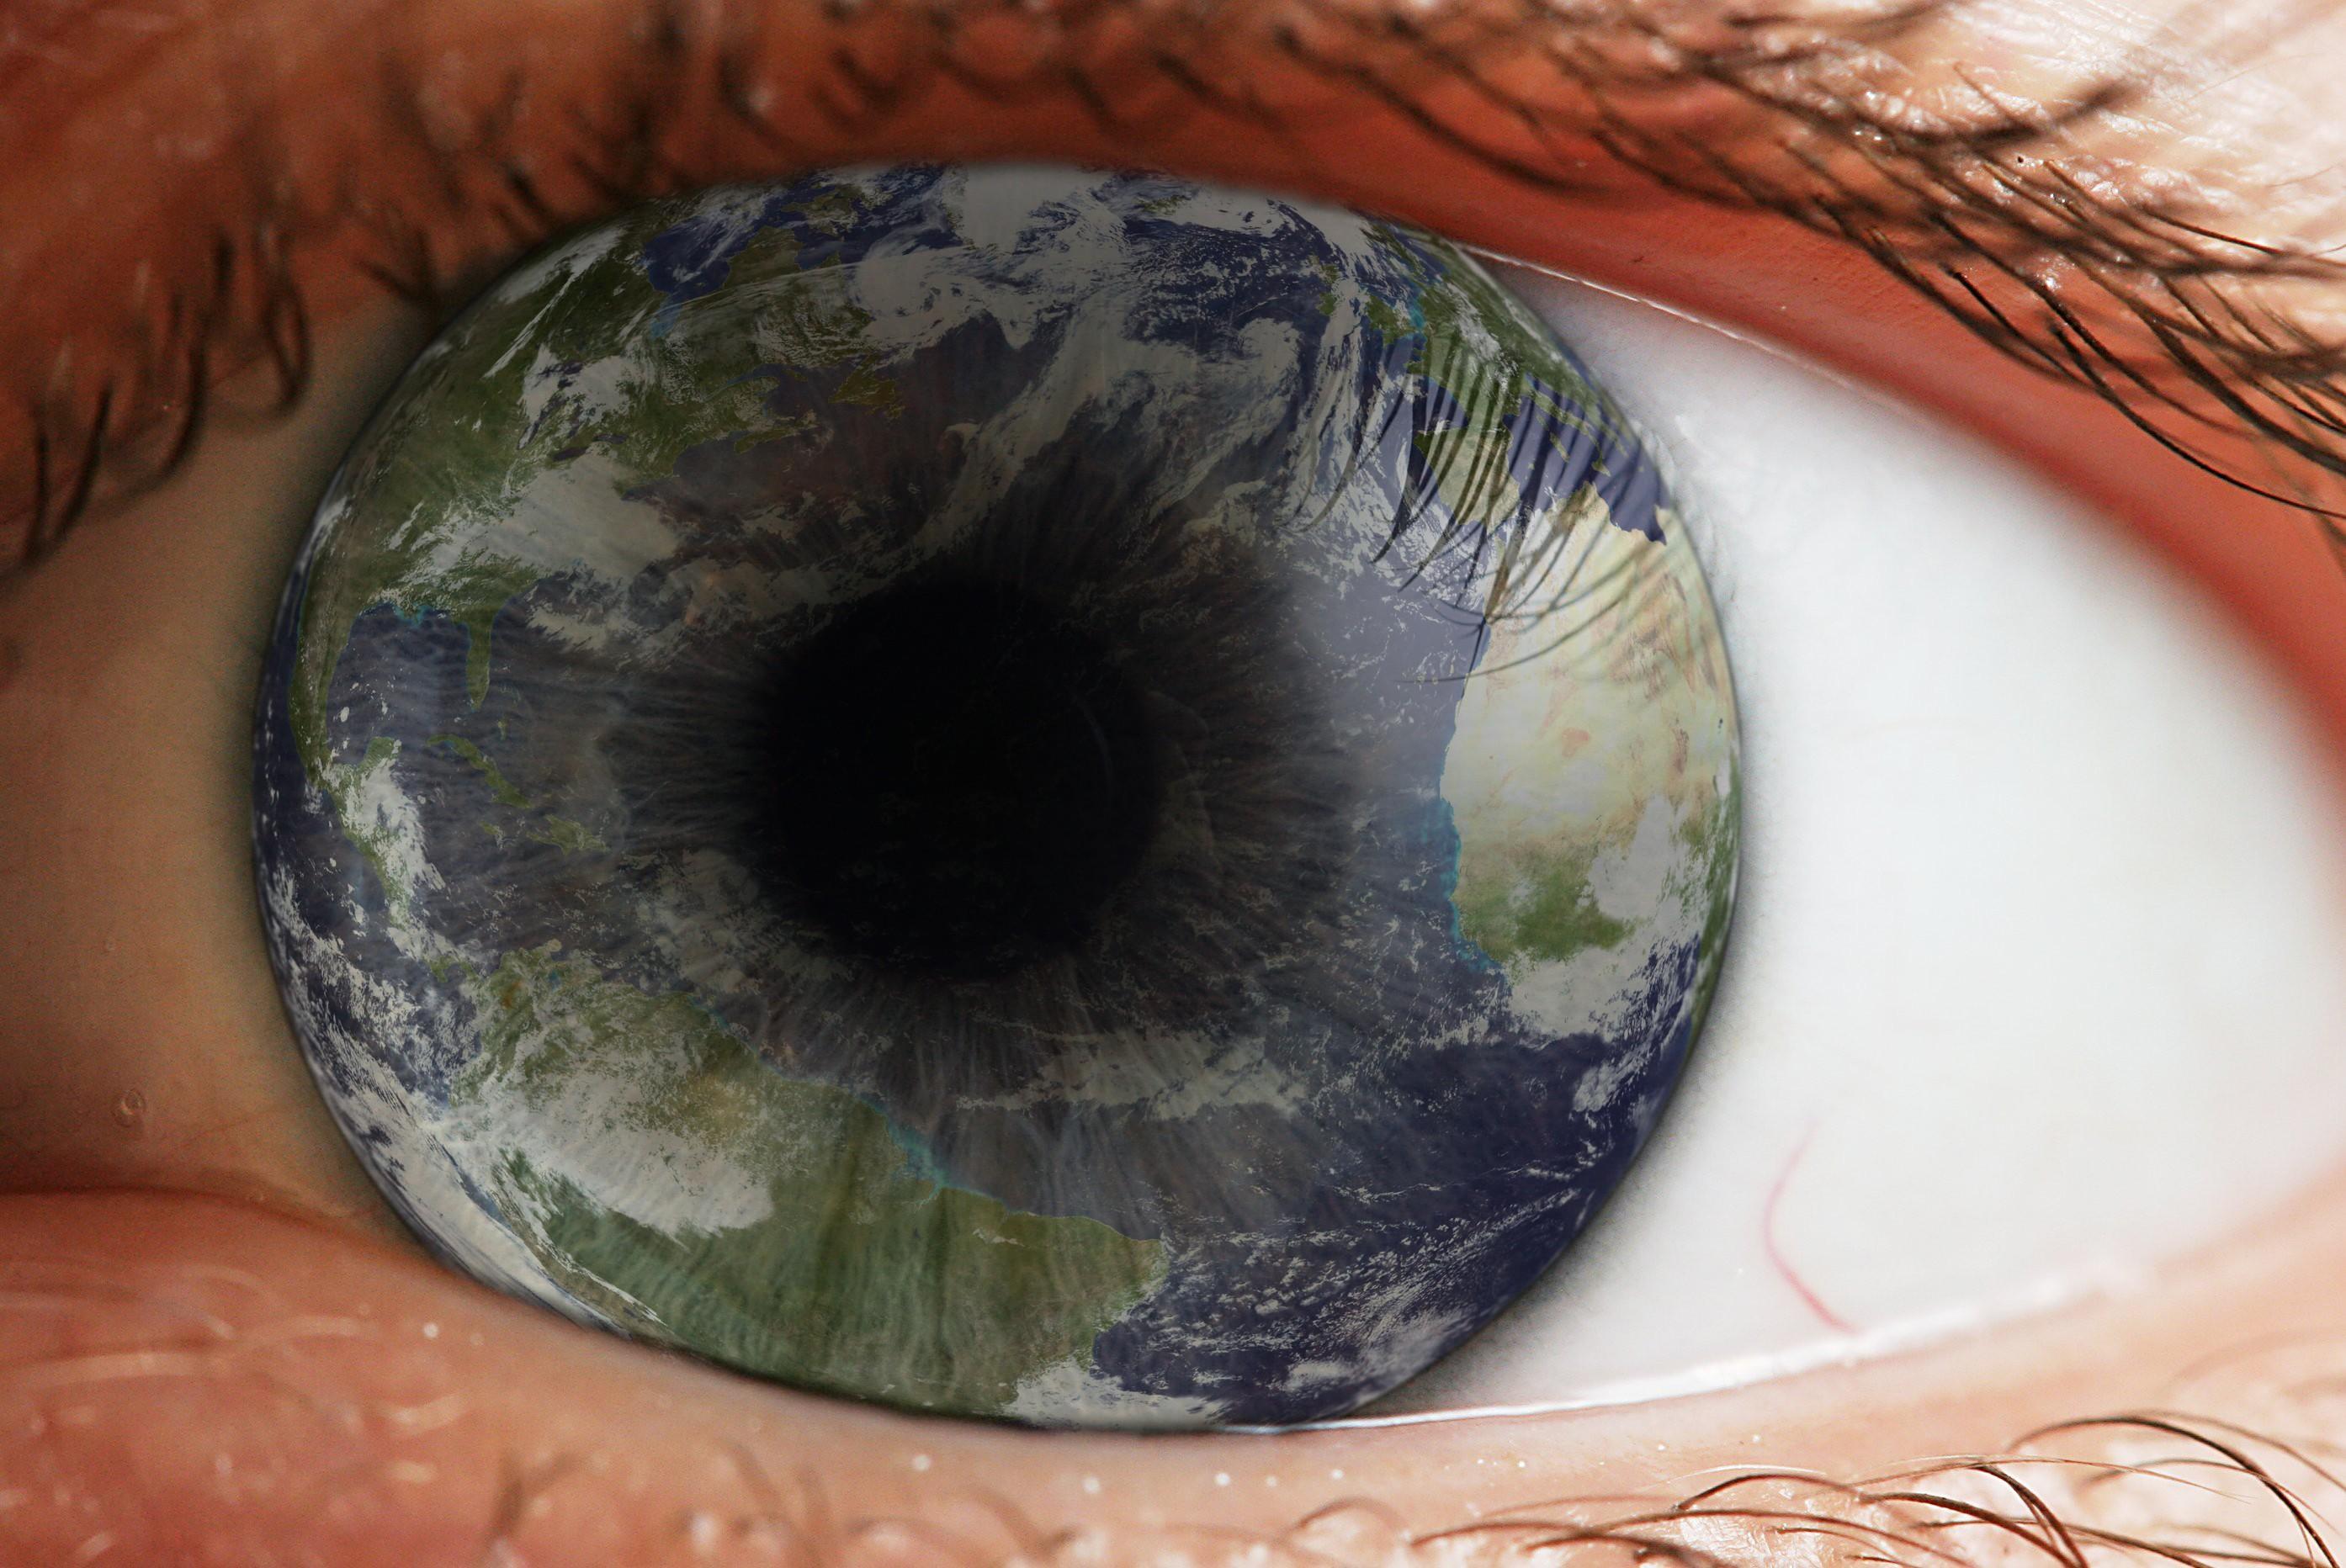 резкости контраста спектр глаз фото монако активно